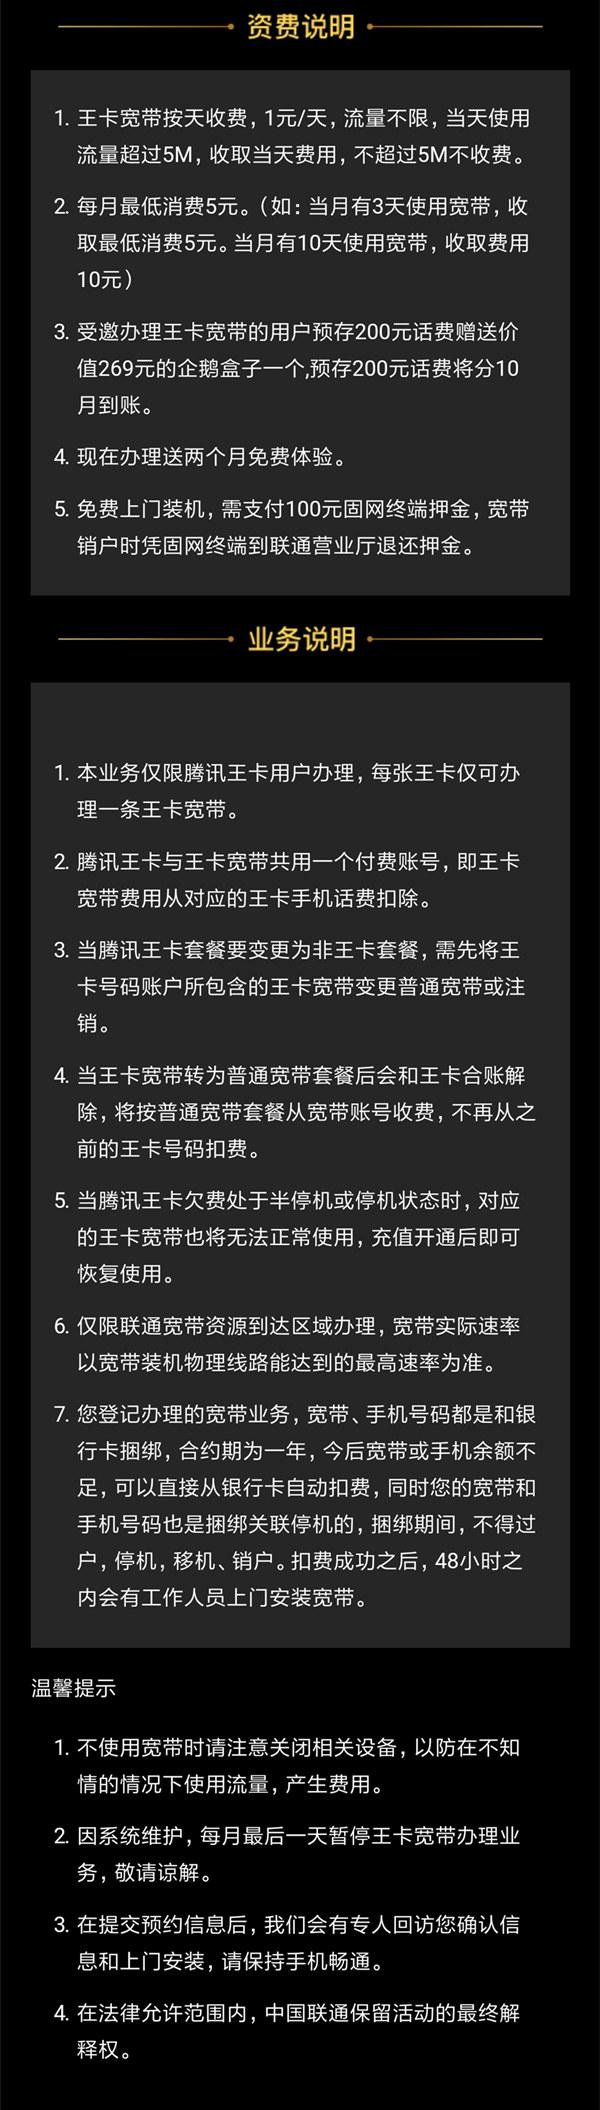 联通固网宽带反击战:与腾讯联合推出王卡宽带